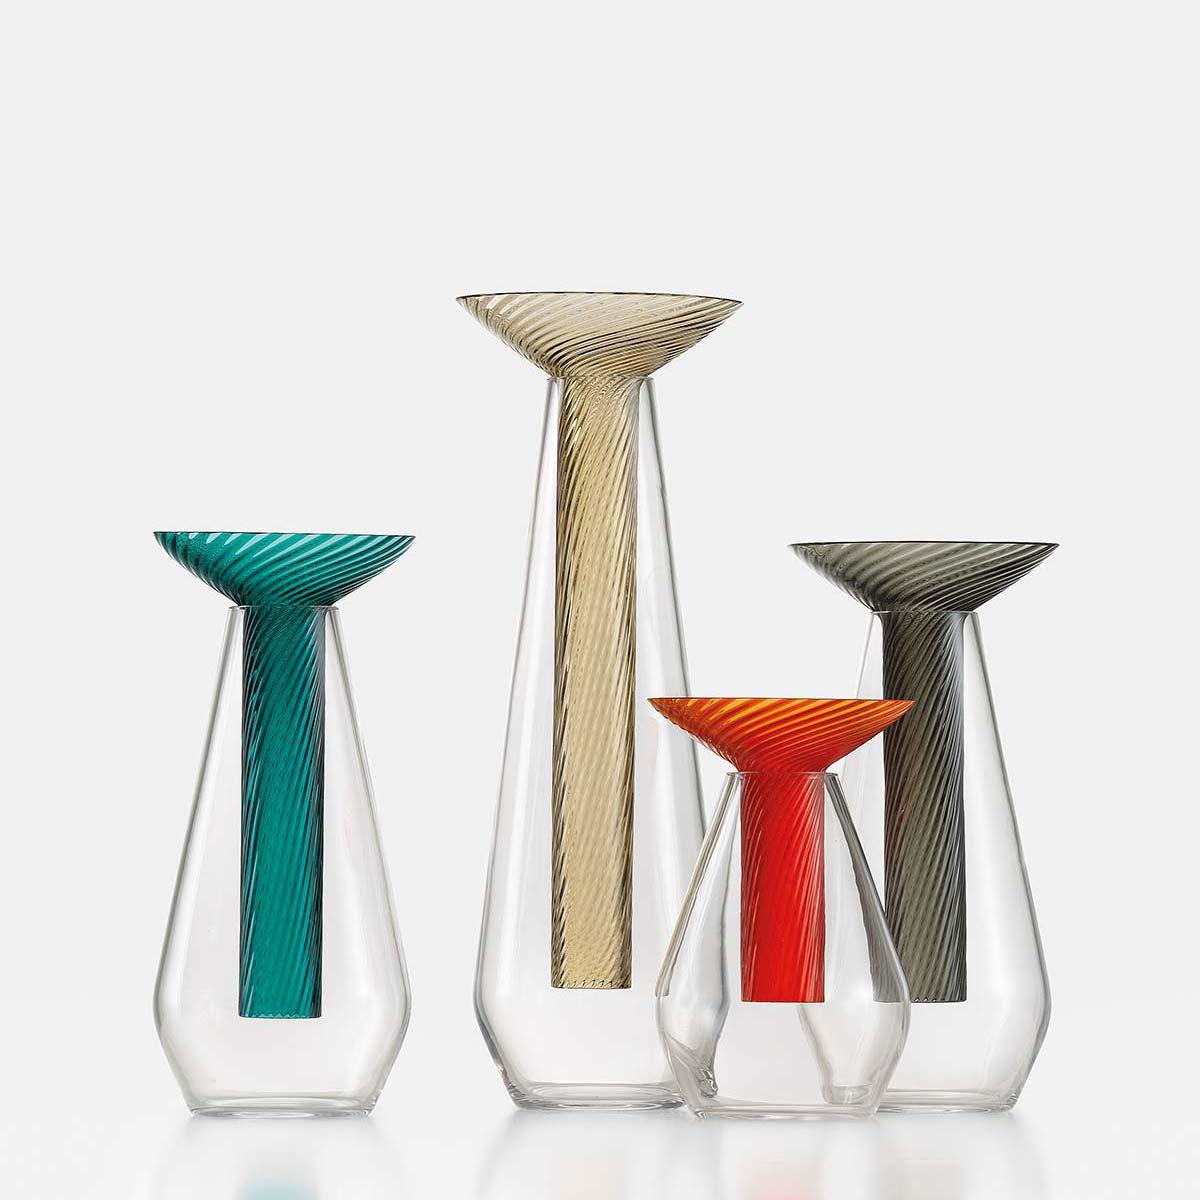 Calici collection by Salviati, Design Federico Peri